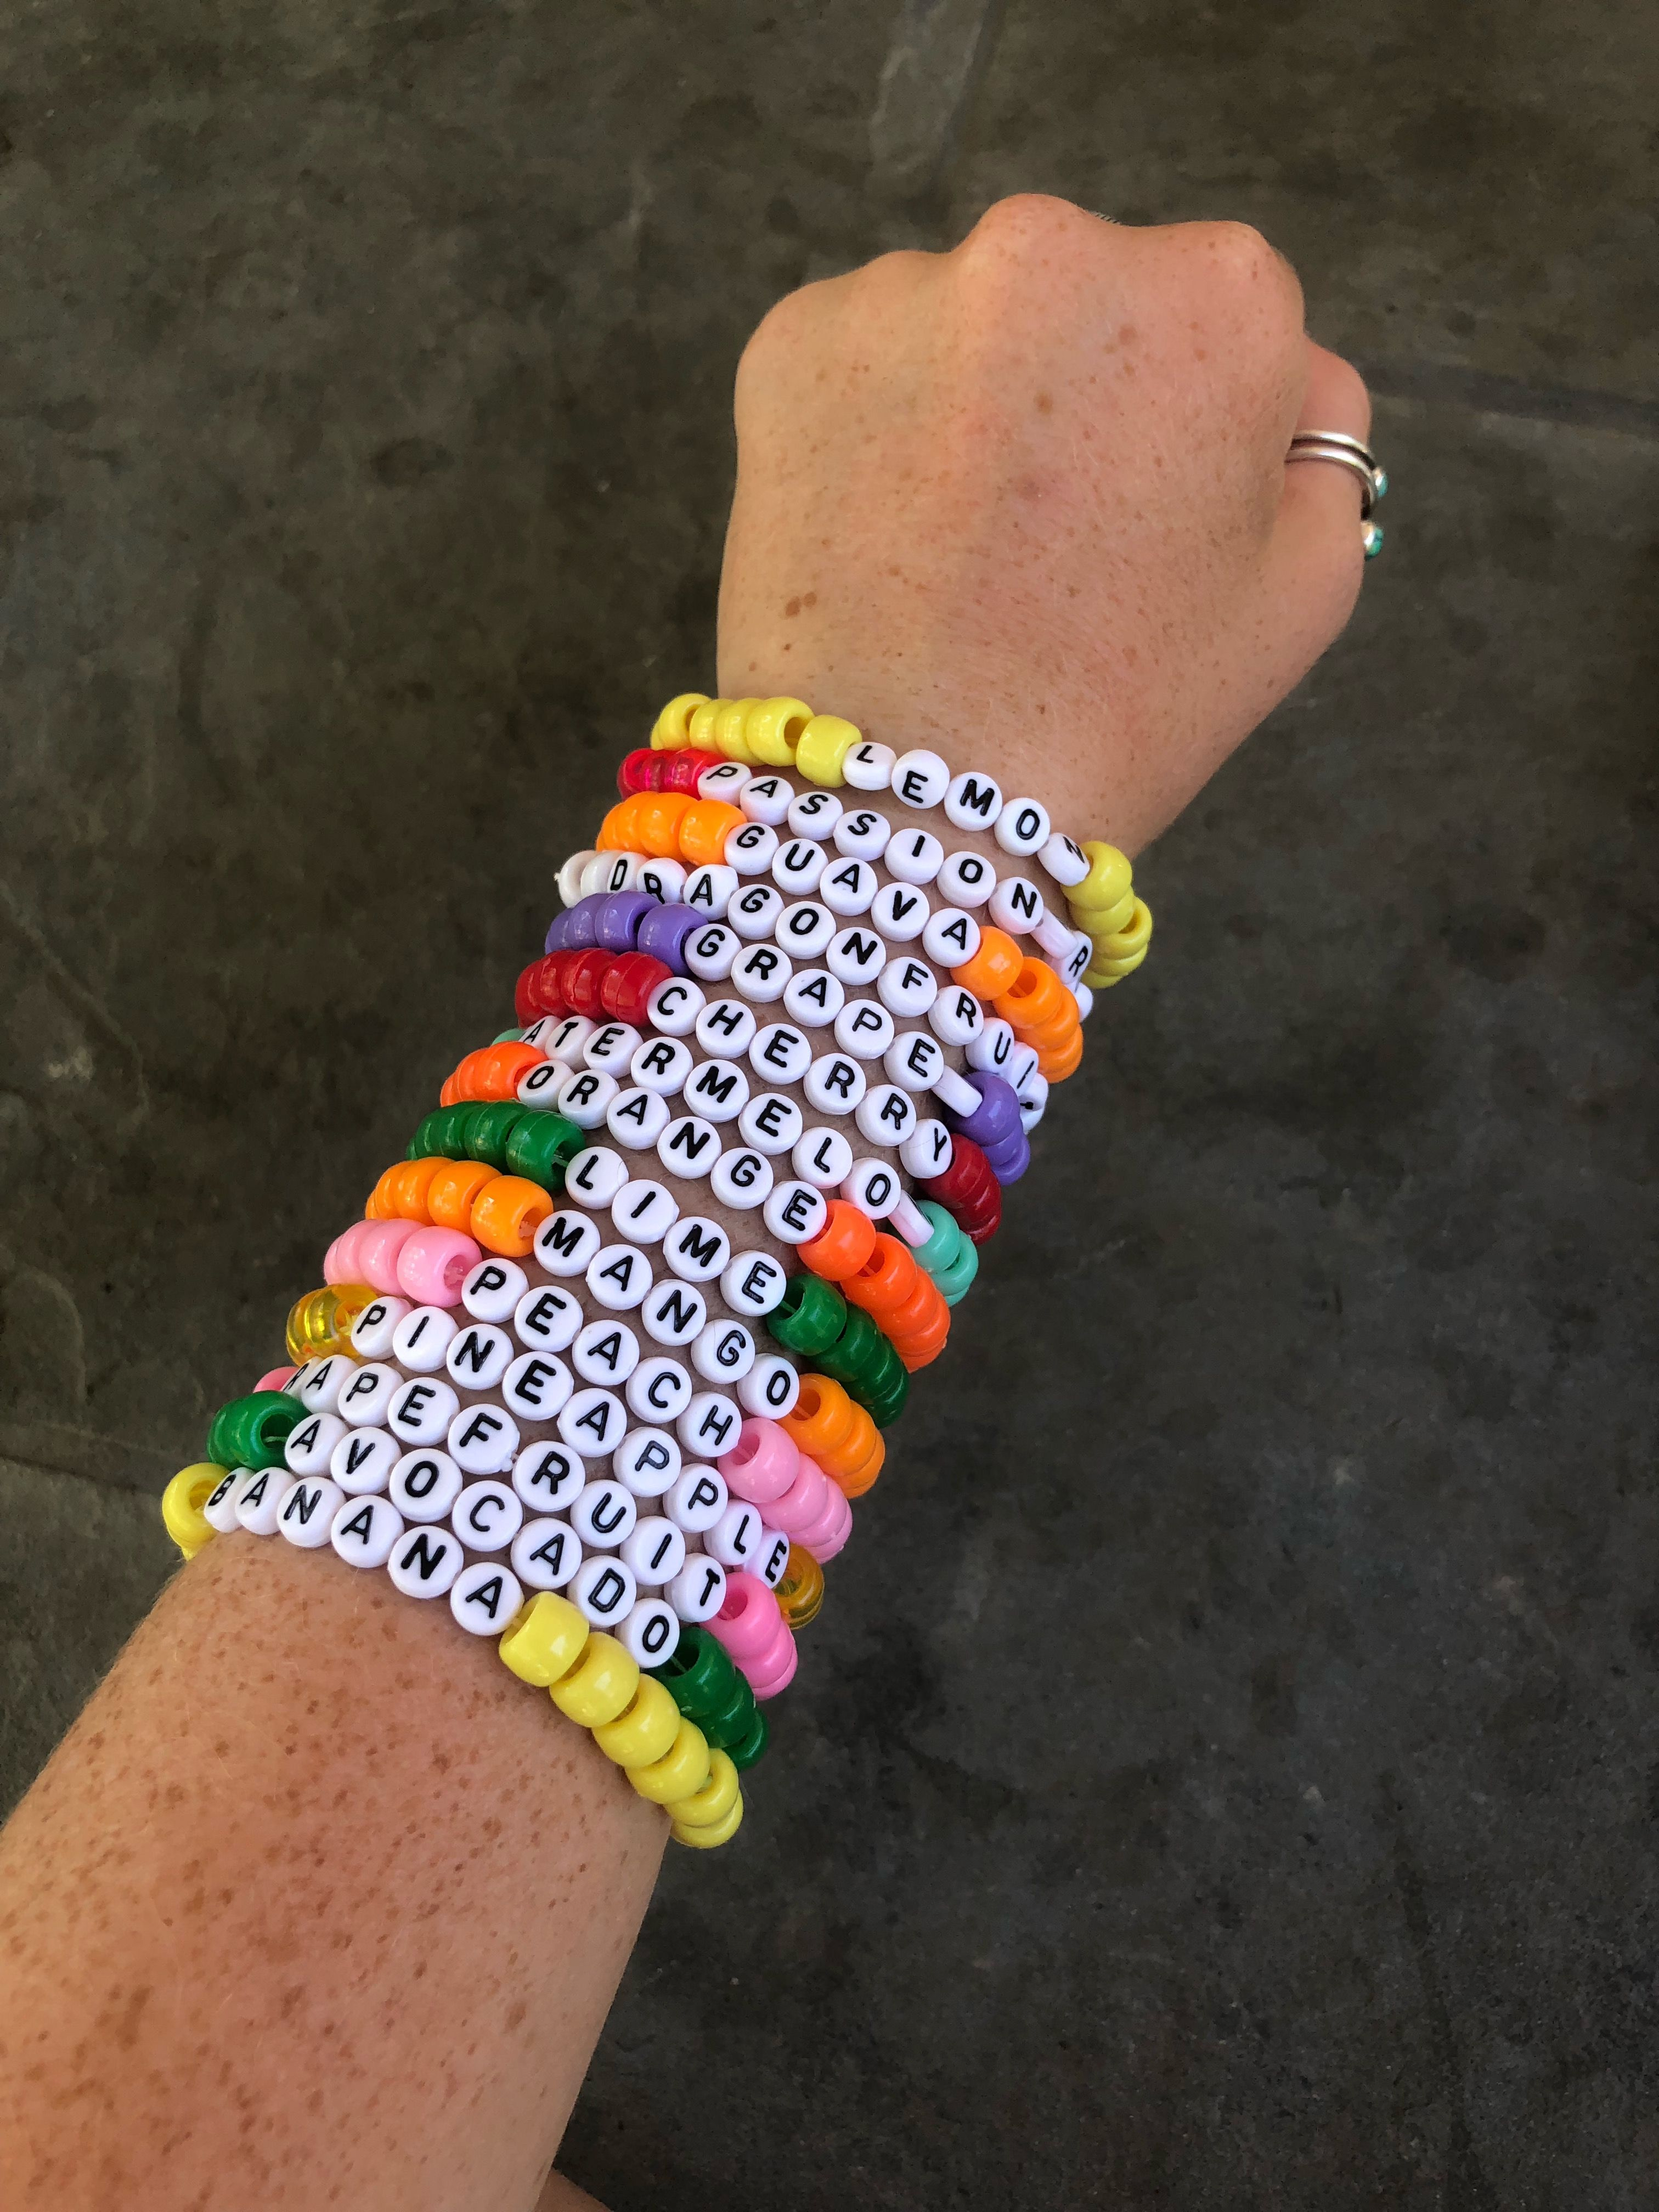 Vsco Bead Bracelets With Words : bracelets, words, Fruit, Bracelet,, Jewelry,, Beaded, Letter, Kandi, Bracelets,, Friendship, Bracelets, Beads